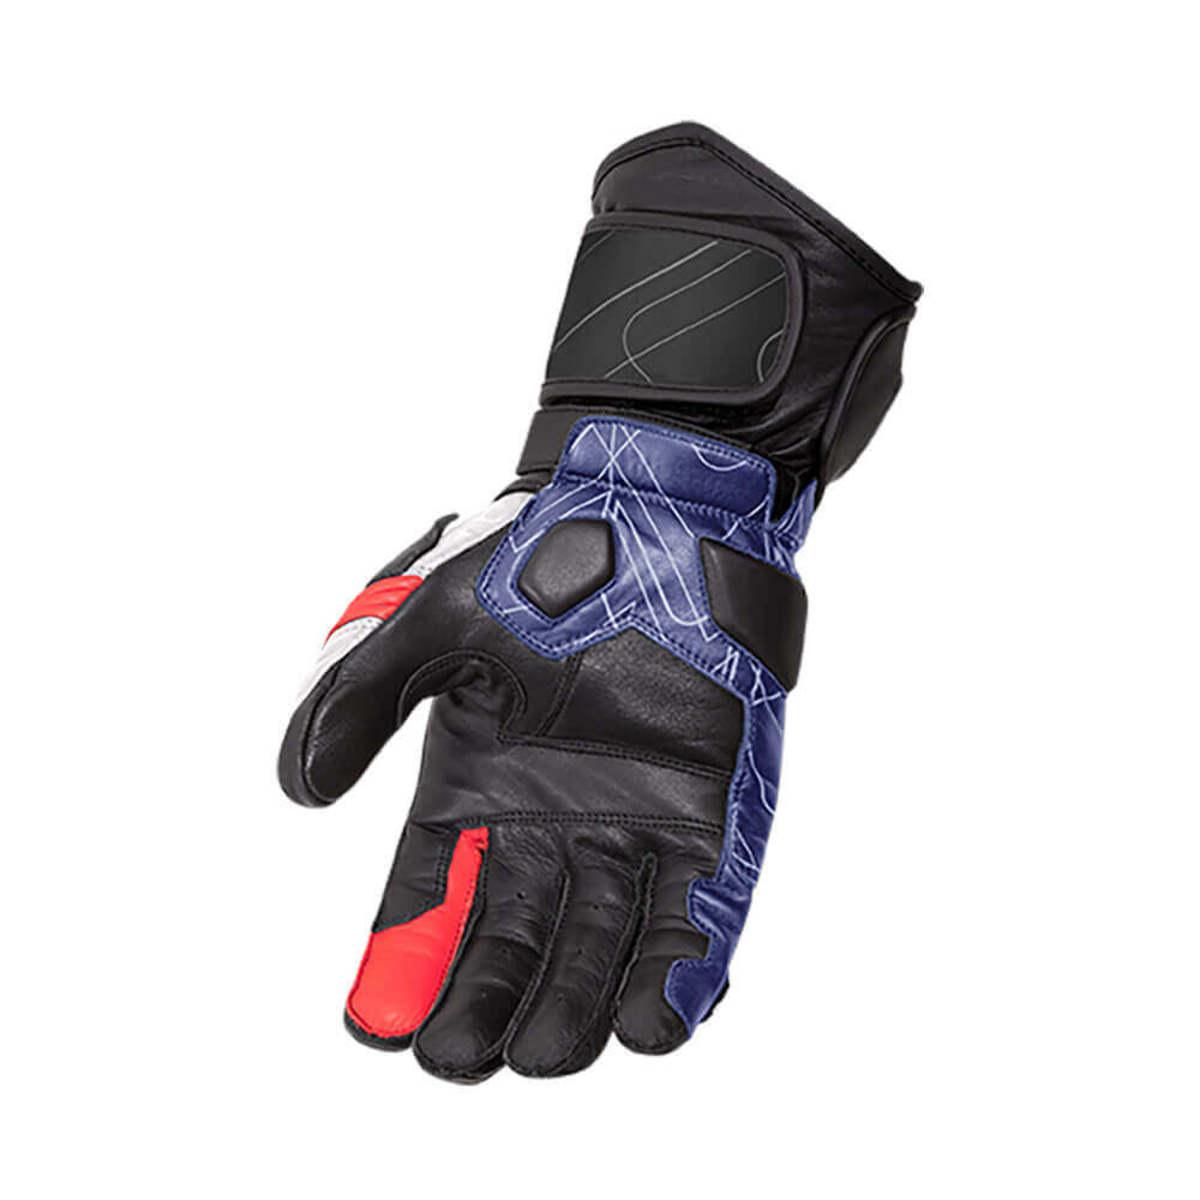 Luva X11 Racer 2 Motociclista Moto Proteção Branco